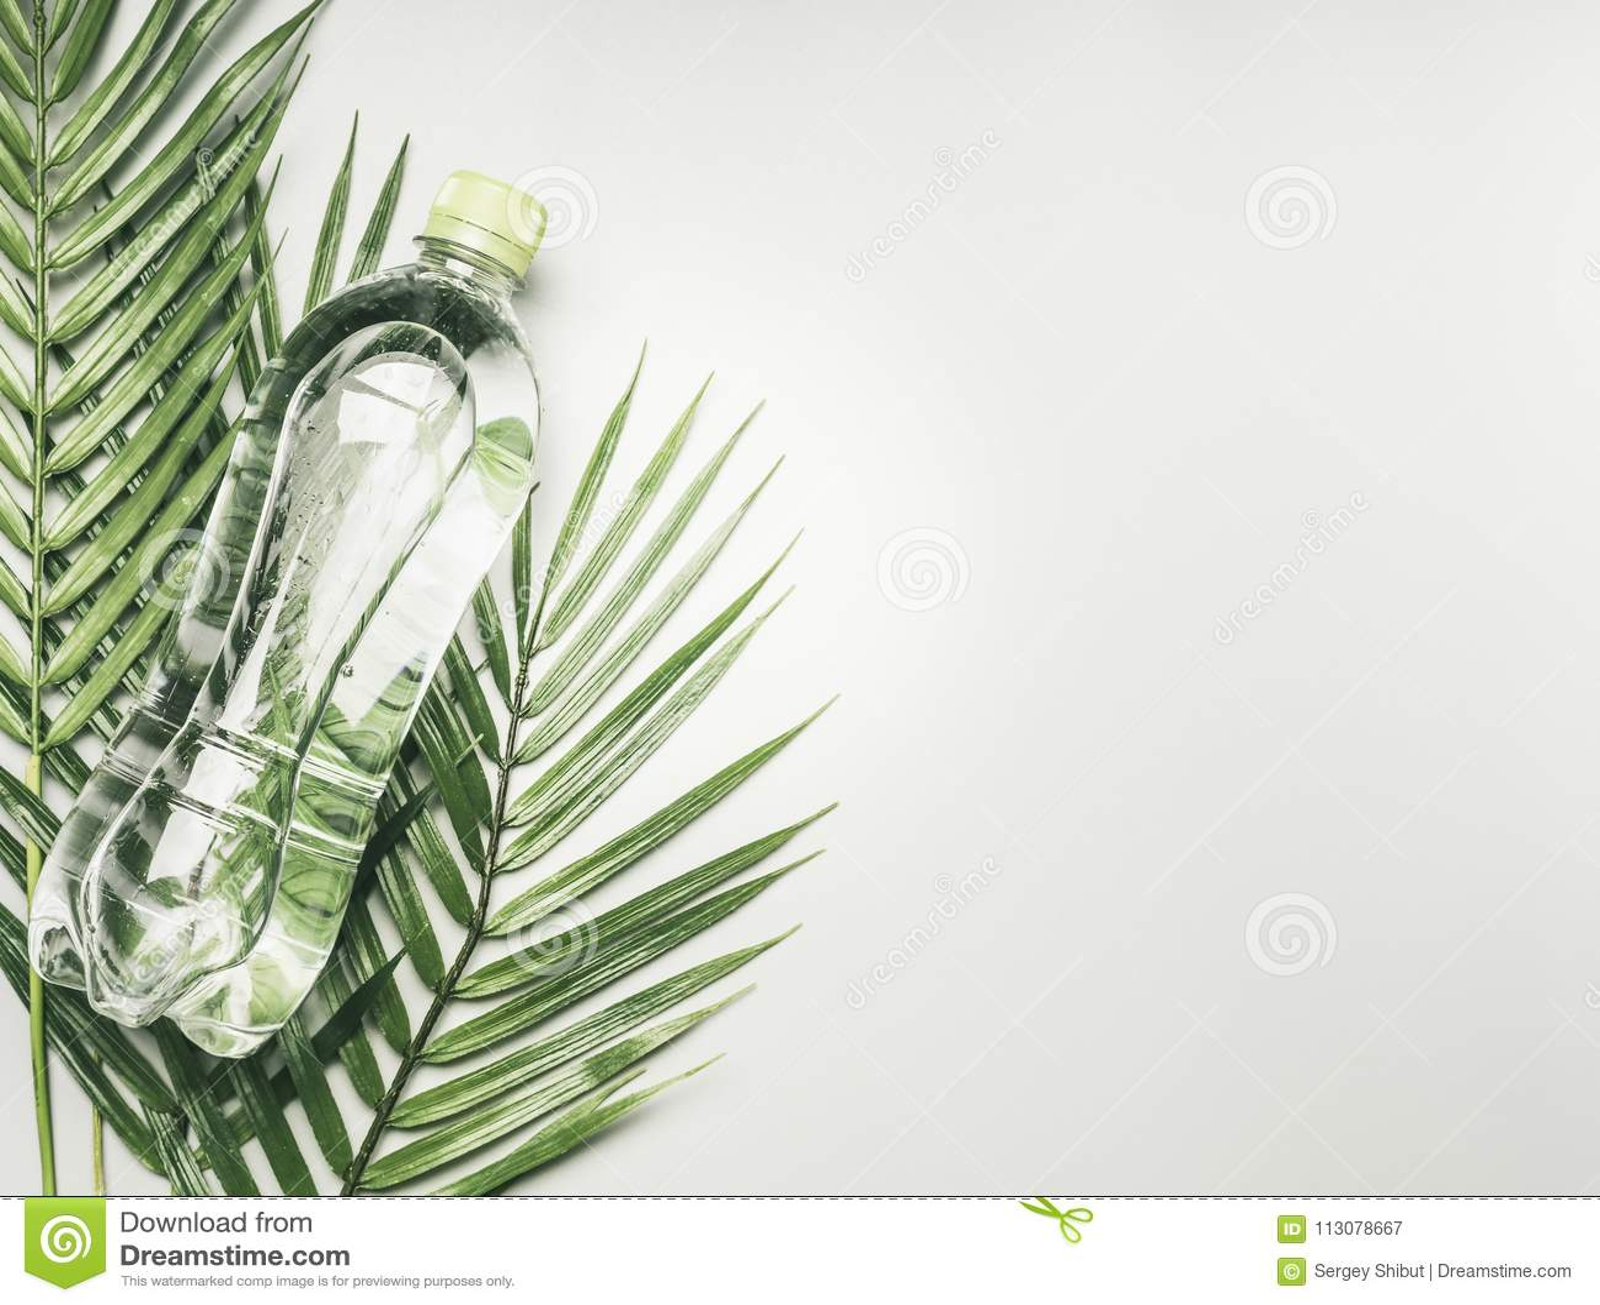 Concept sportlevensstijl, transparante fles met water en groen deksel tegen de achtergrond van tropische installaties, ruimte voo